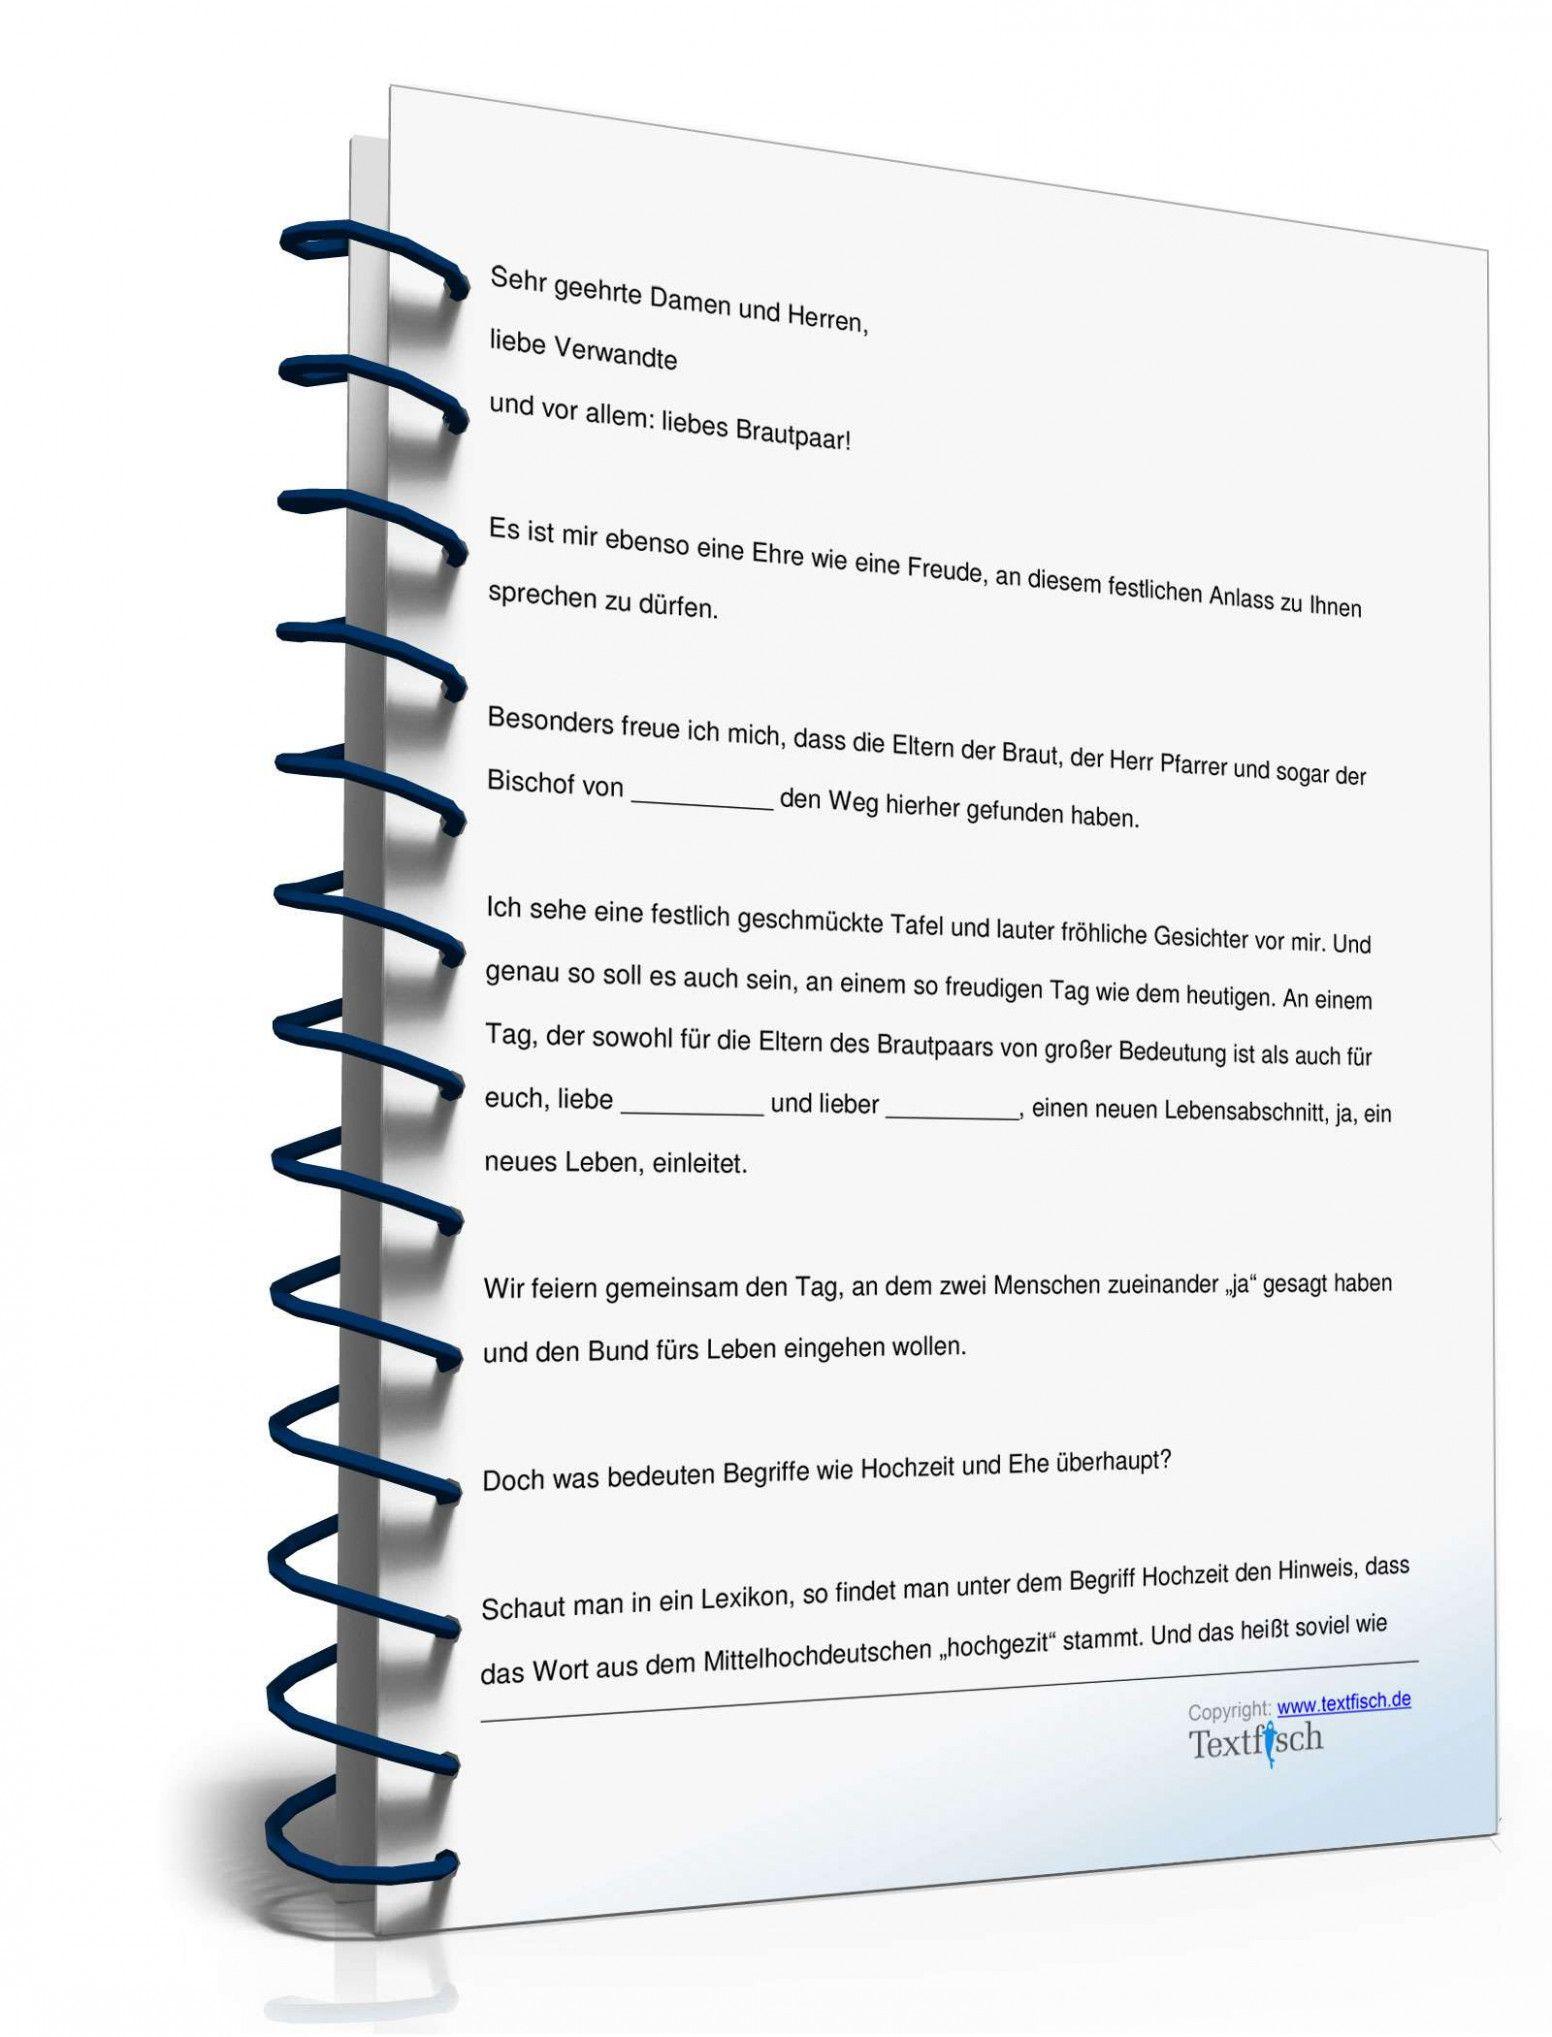 Hochzeit Rede Pfarrer In 2020 Personal Website Encouragement Rede